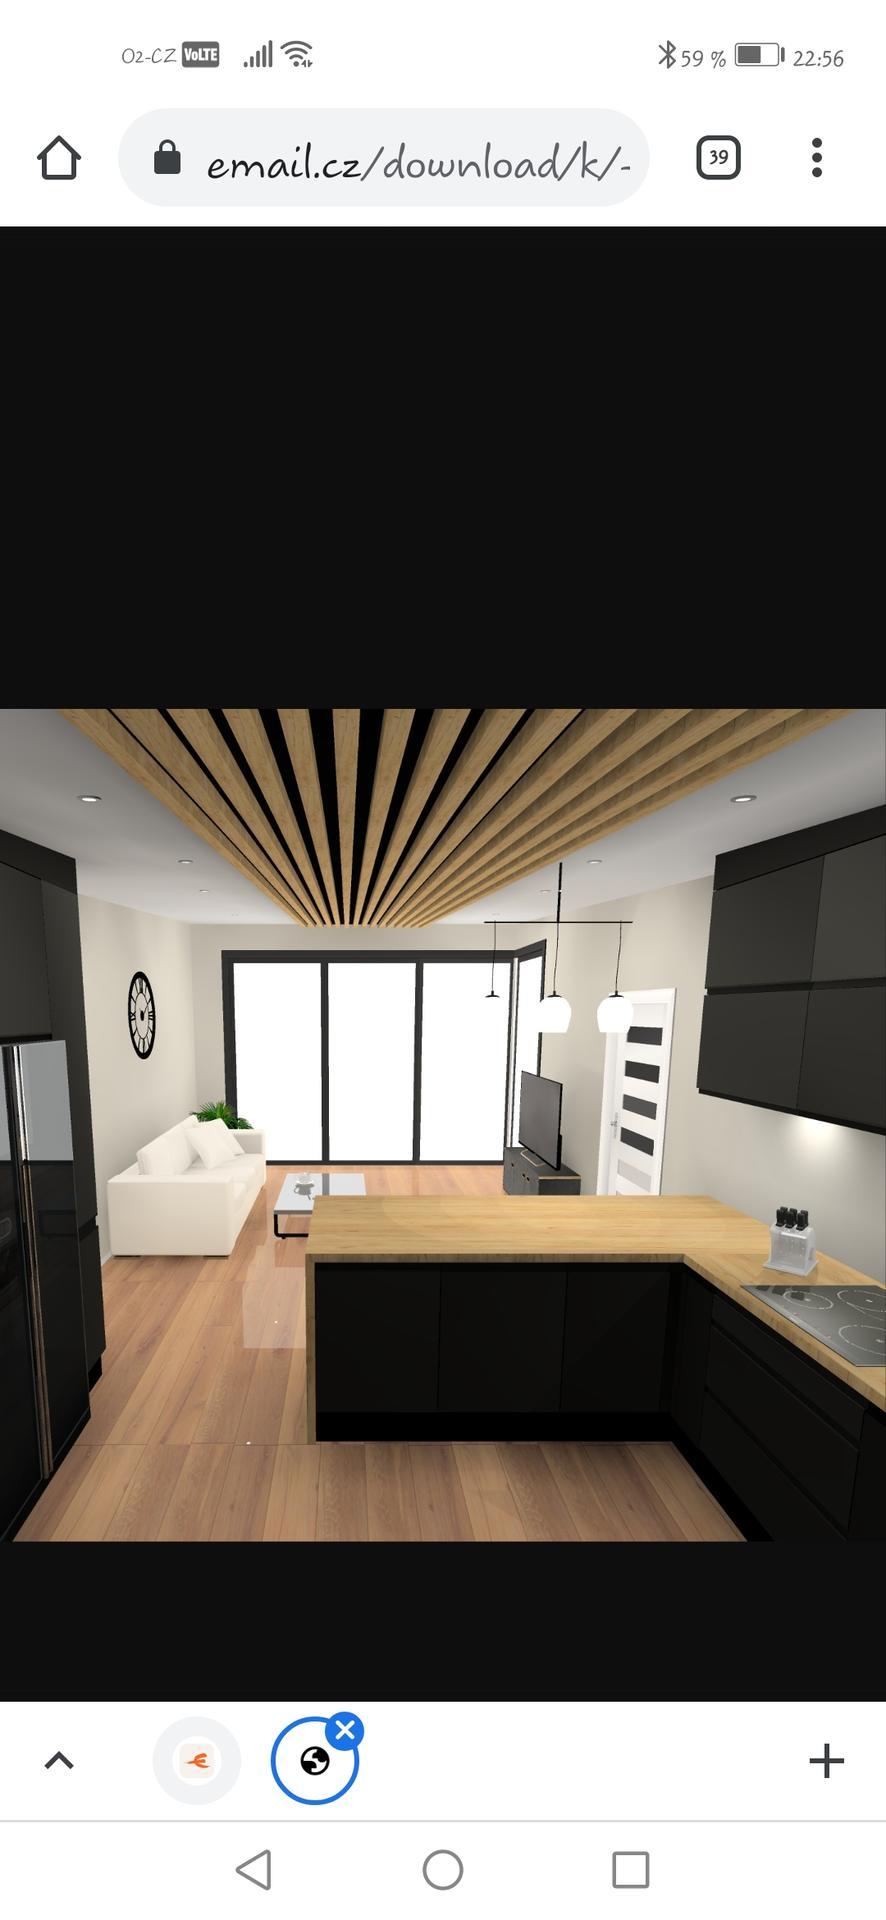 Černou nebo kombinaci s dřevem? Za mě černá... Kvůli podlaze a stropu :) - Obrázek č. 2